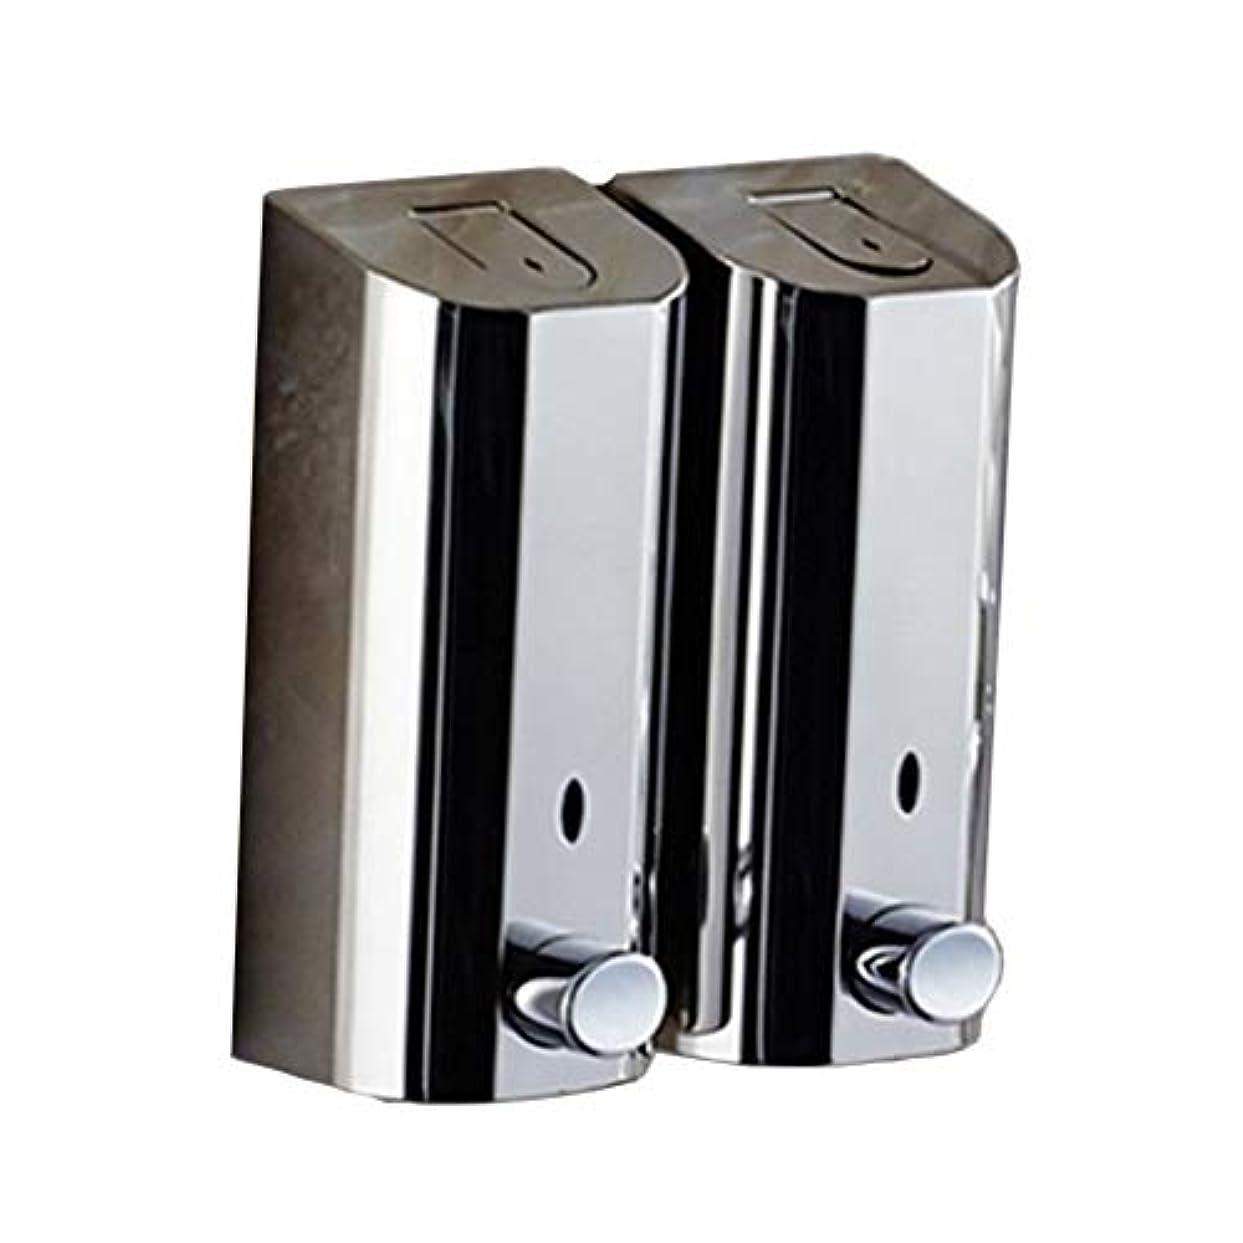 コンピューターうん確かなKylinssh ダブルソープディスペンサー、500ミリリットル* 2自動液体ディスペンサー、防水、漏れ防止、子供のためのタッチレスソープディスペンサー、キッチン、バスルーム